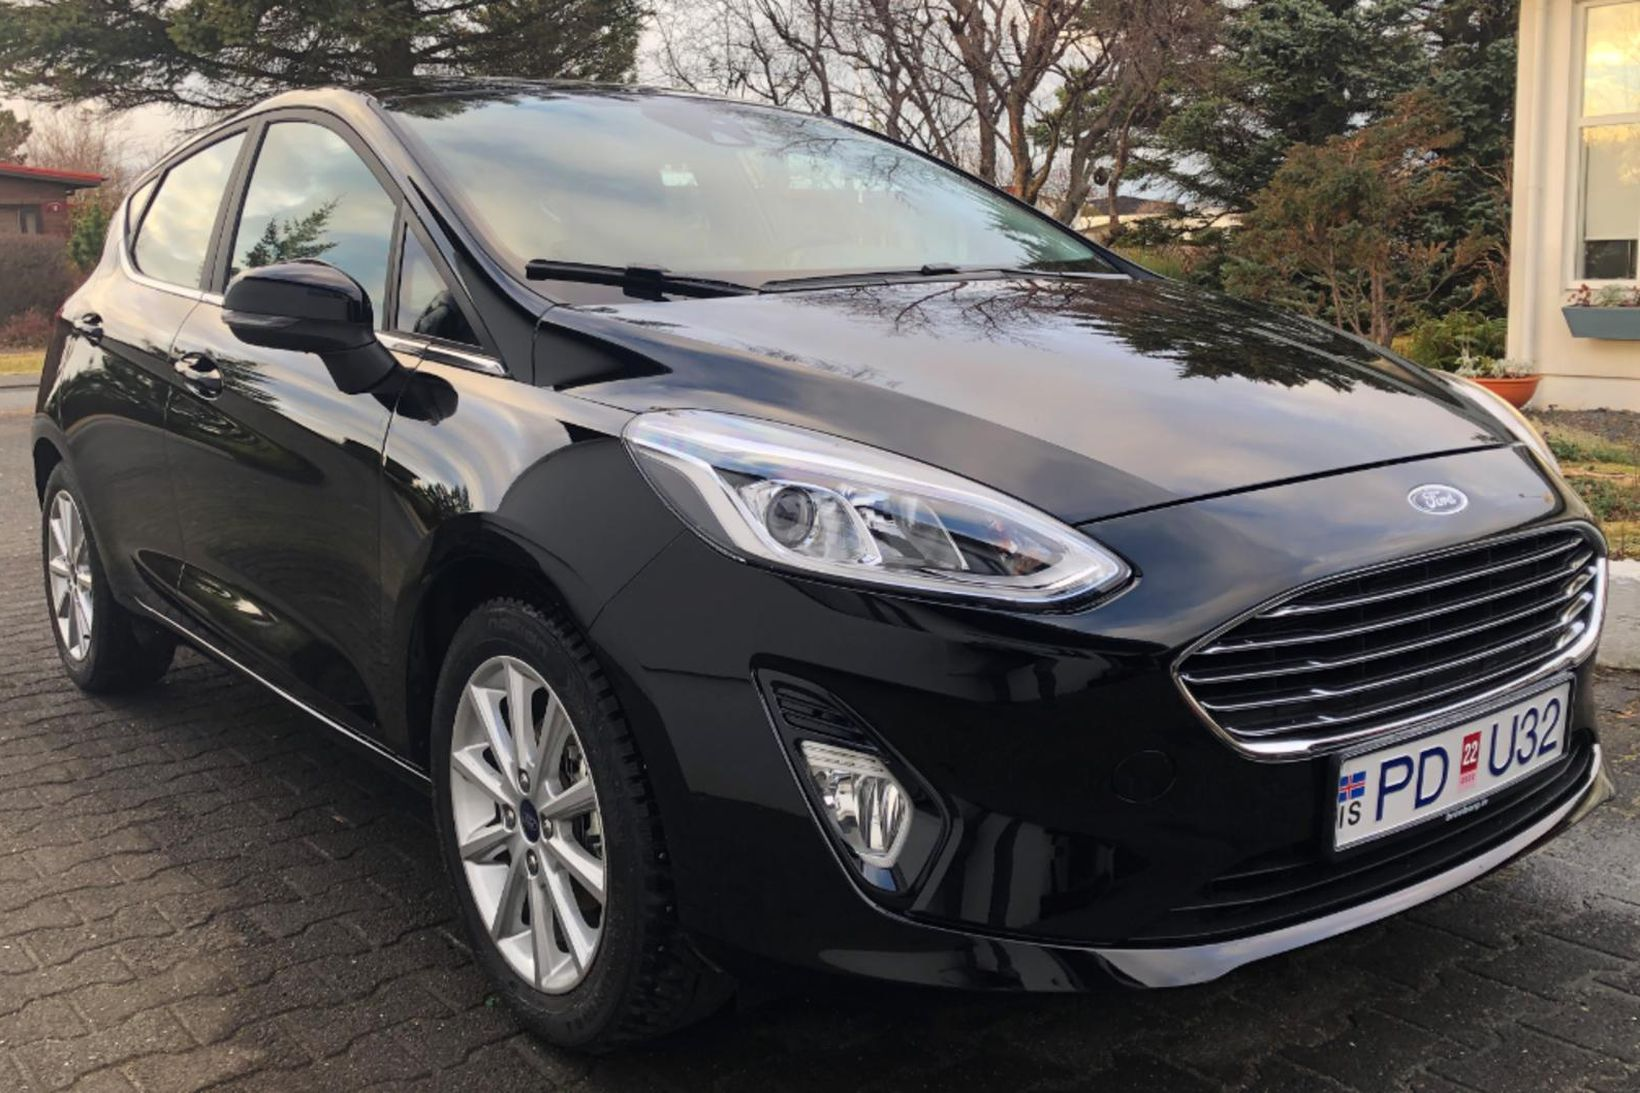 Lögreglan á höfuðborgarsvæðinu lýsir eftir svörtum Ford Fiesta með skráningarnúmerið …